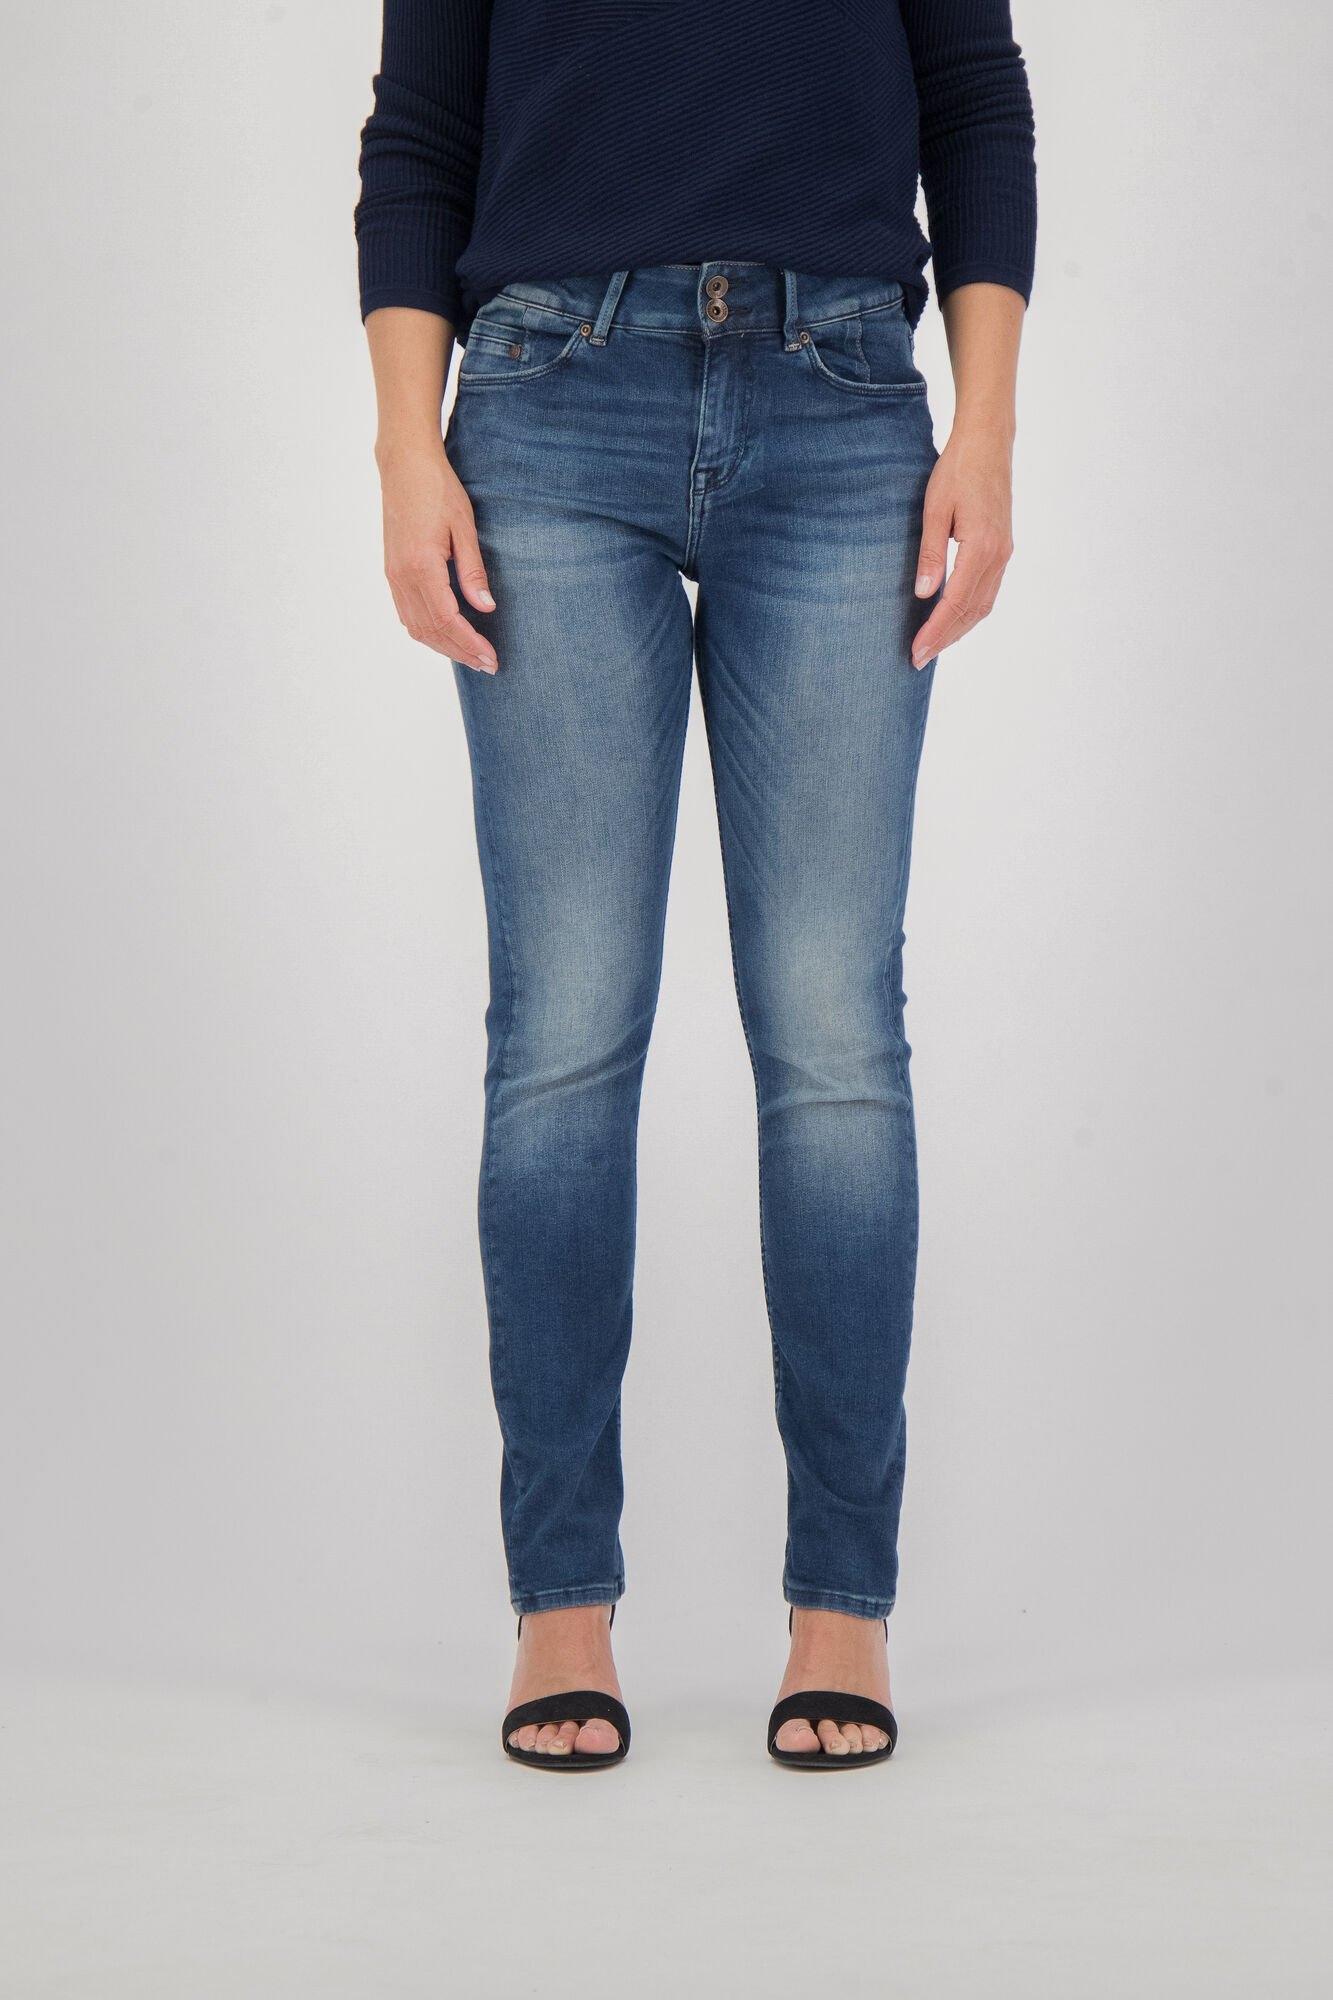 Garcia Slim fit jeans van Garcia in de webshop van OTTO kopen